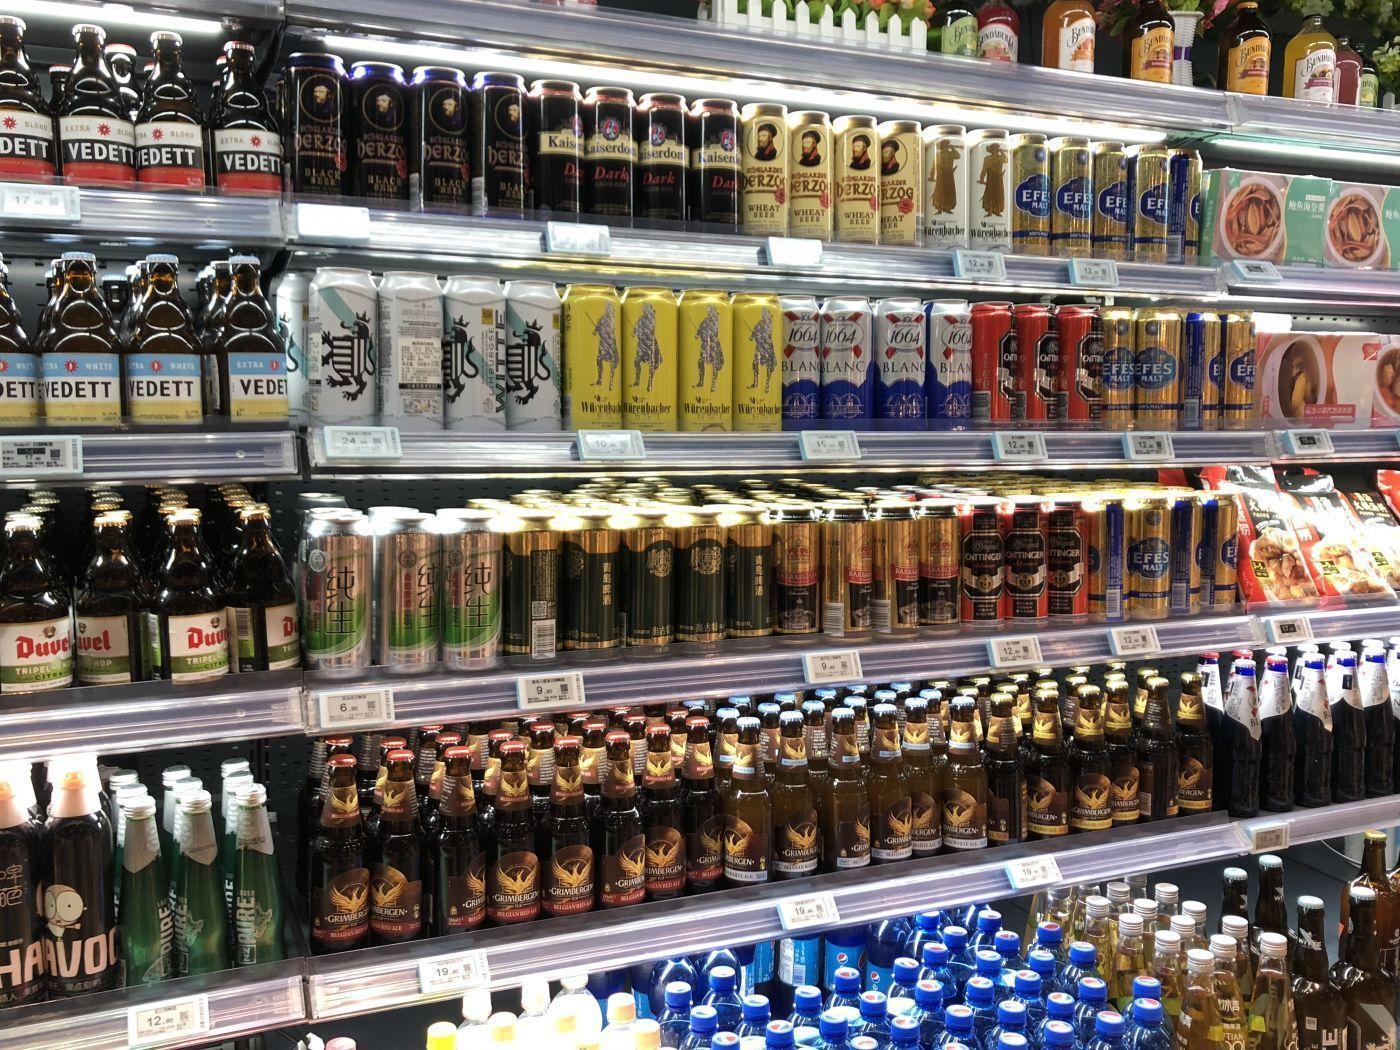 高端超市的货架上摆满了进口啤酒 冯若男/摄